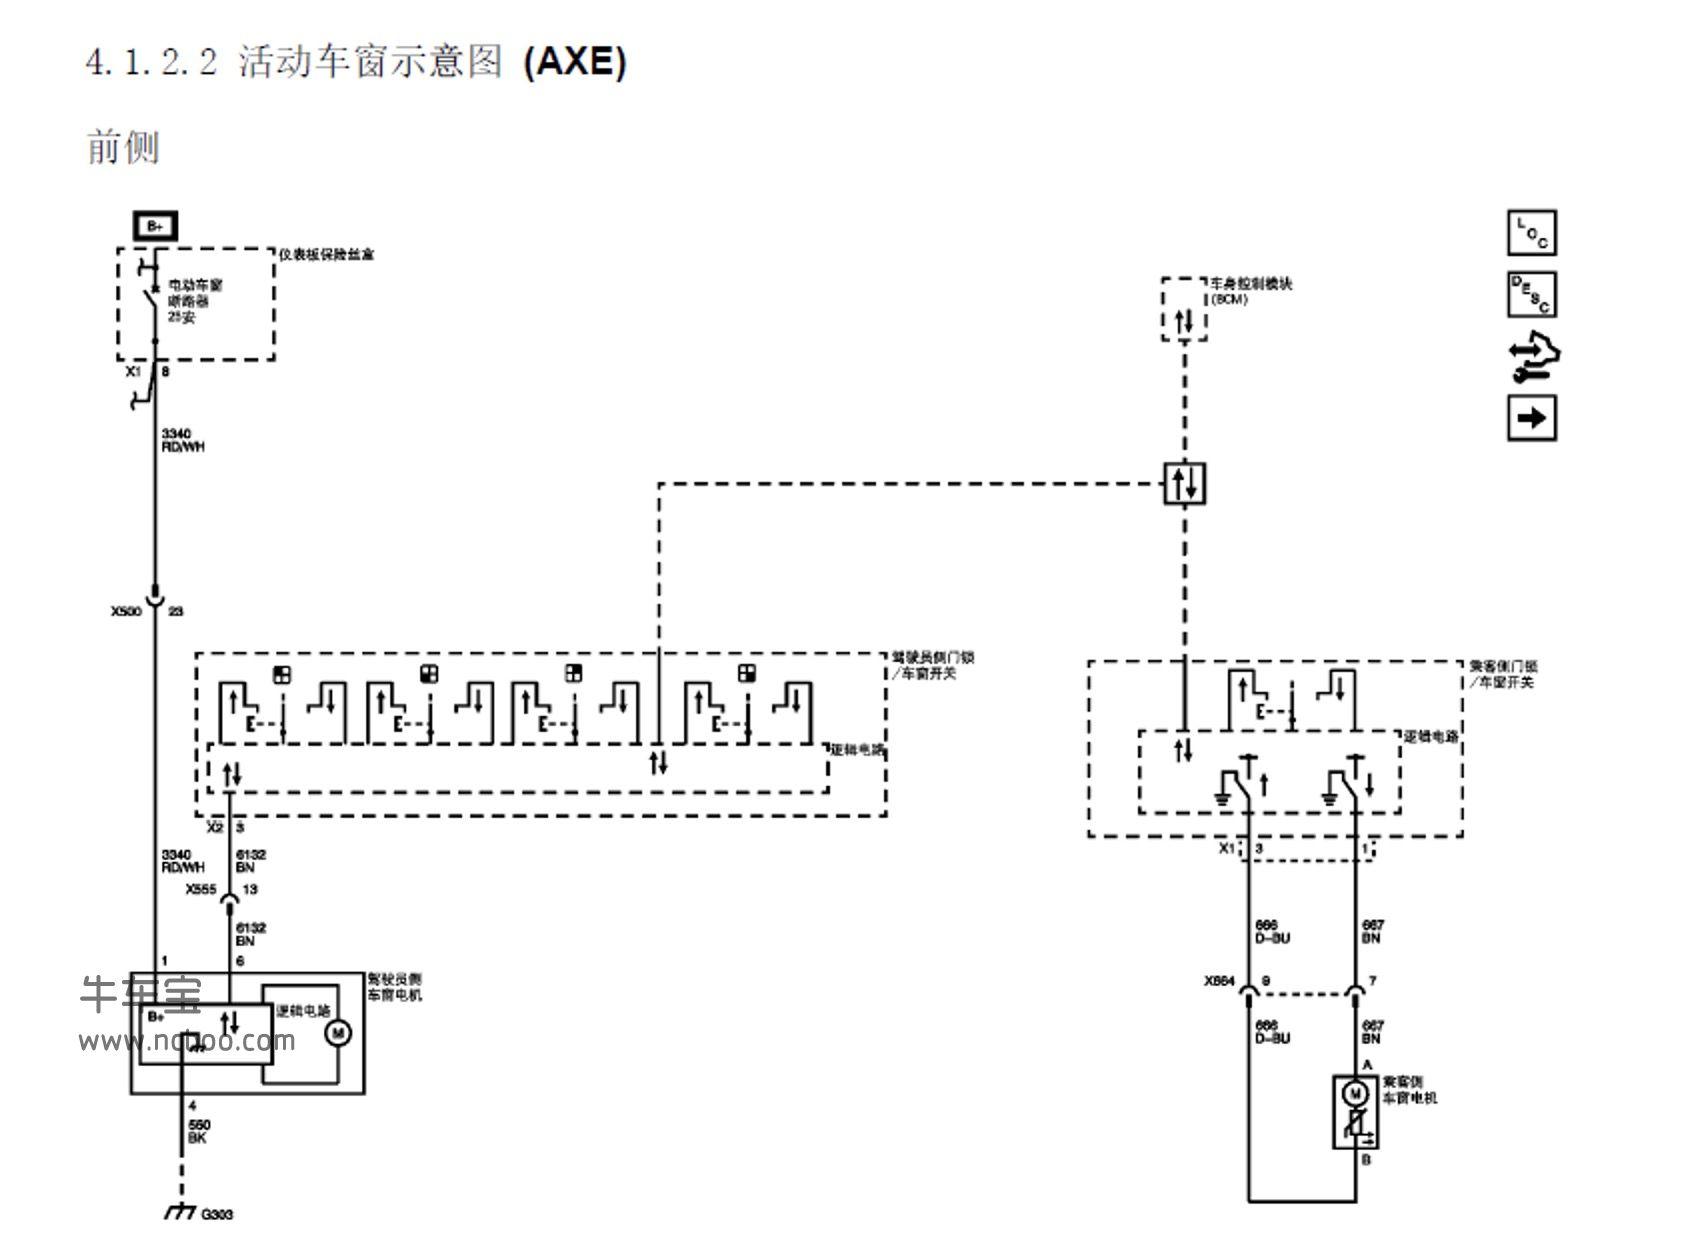 2009-2010款别克昂科雷原厂维修手册和电路图下载